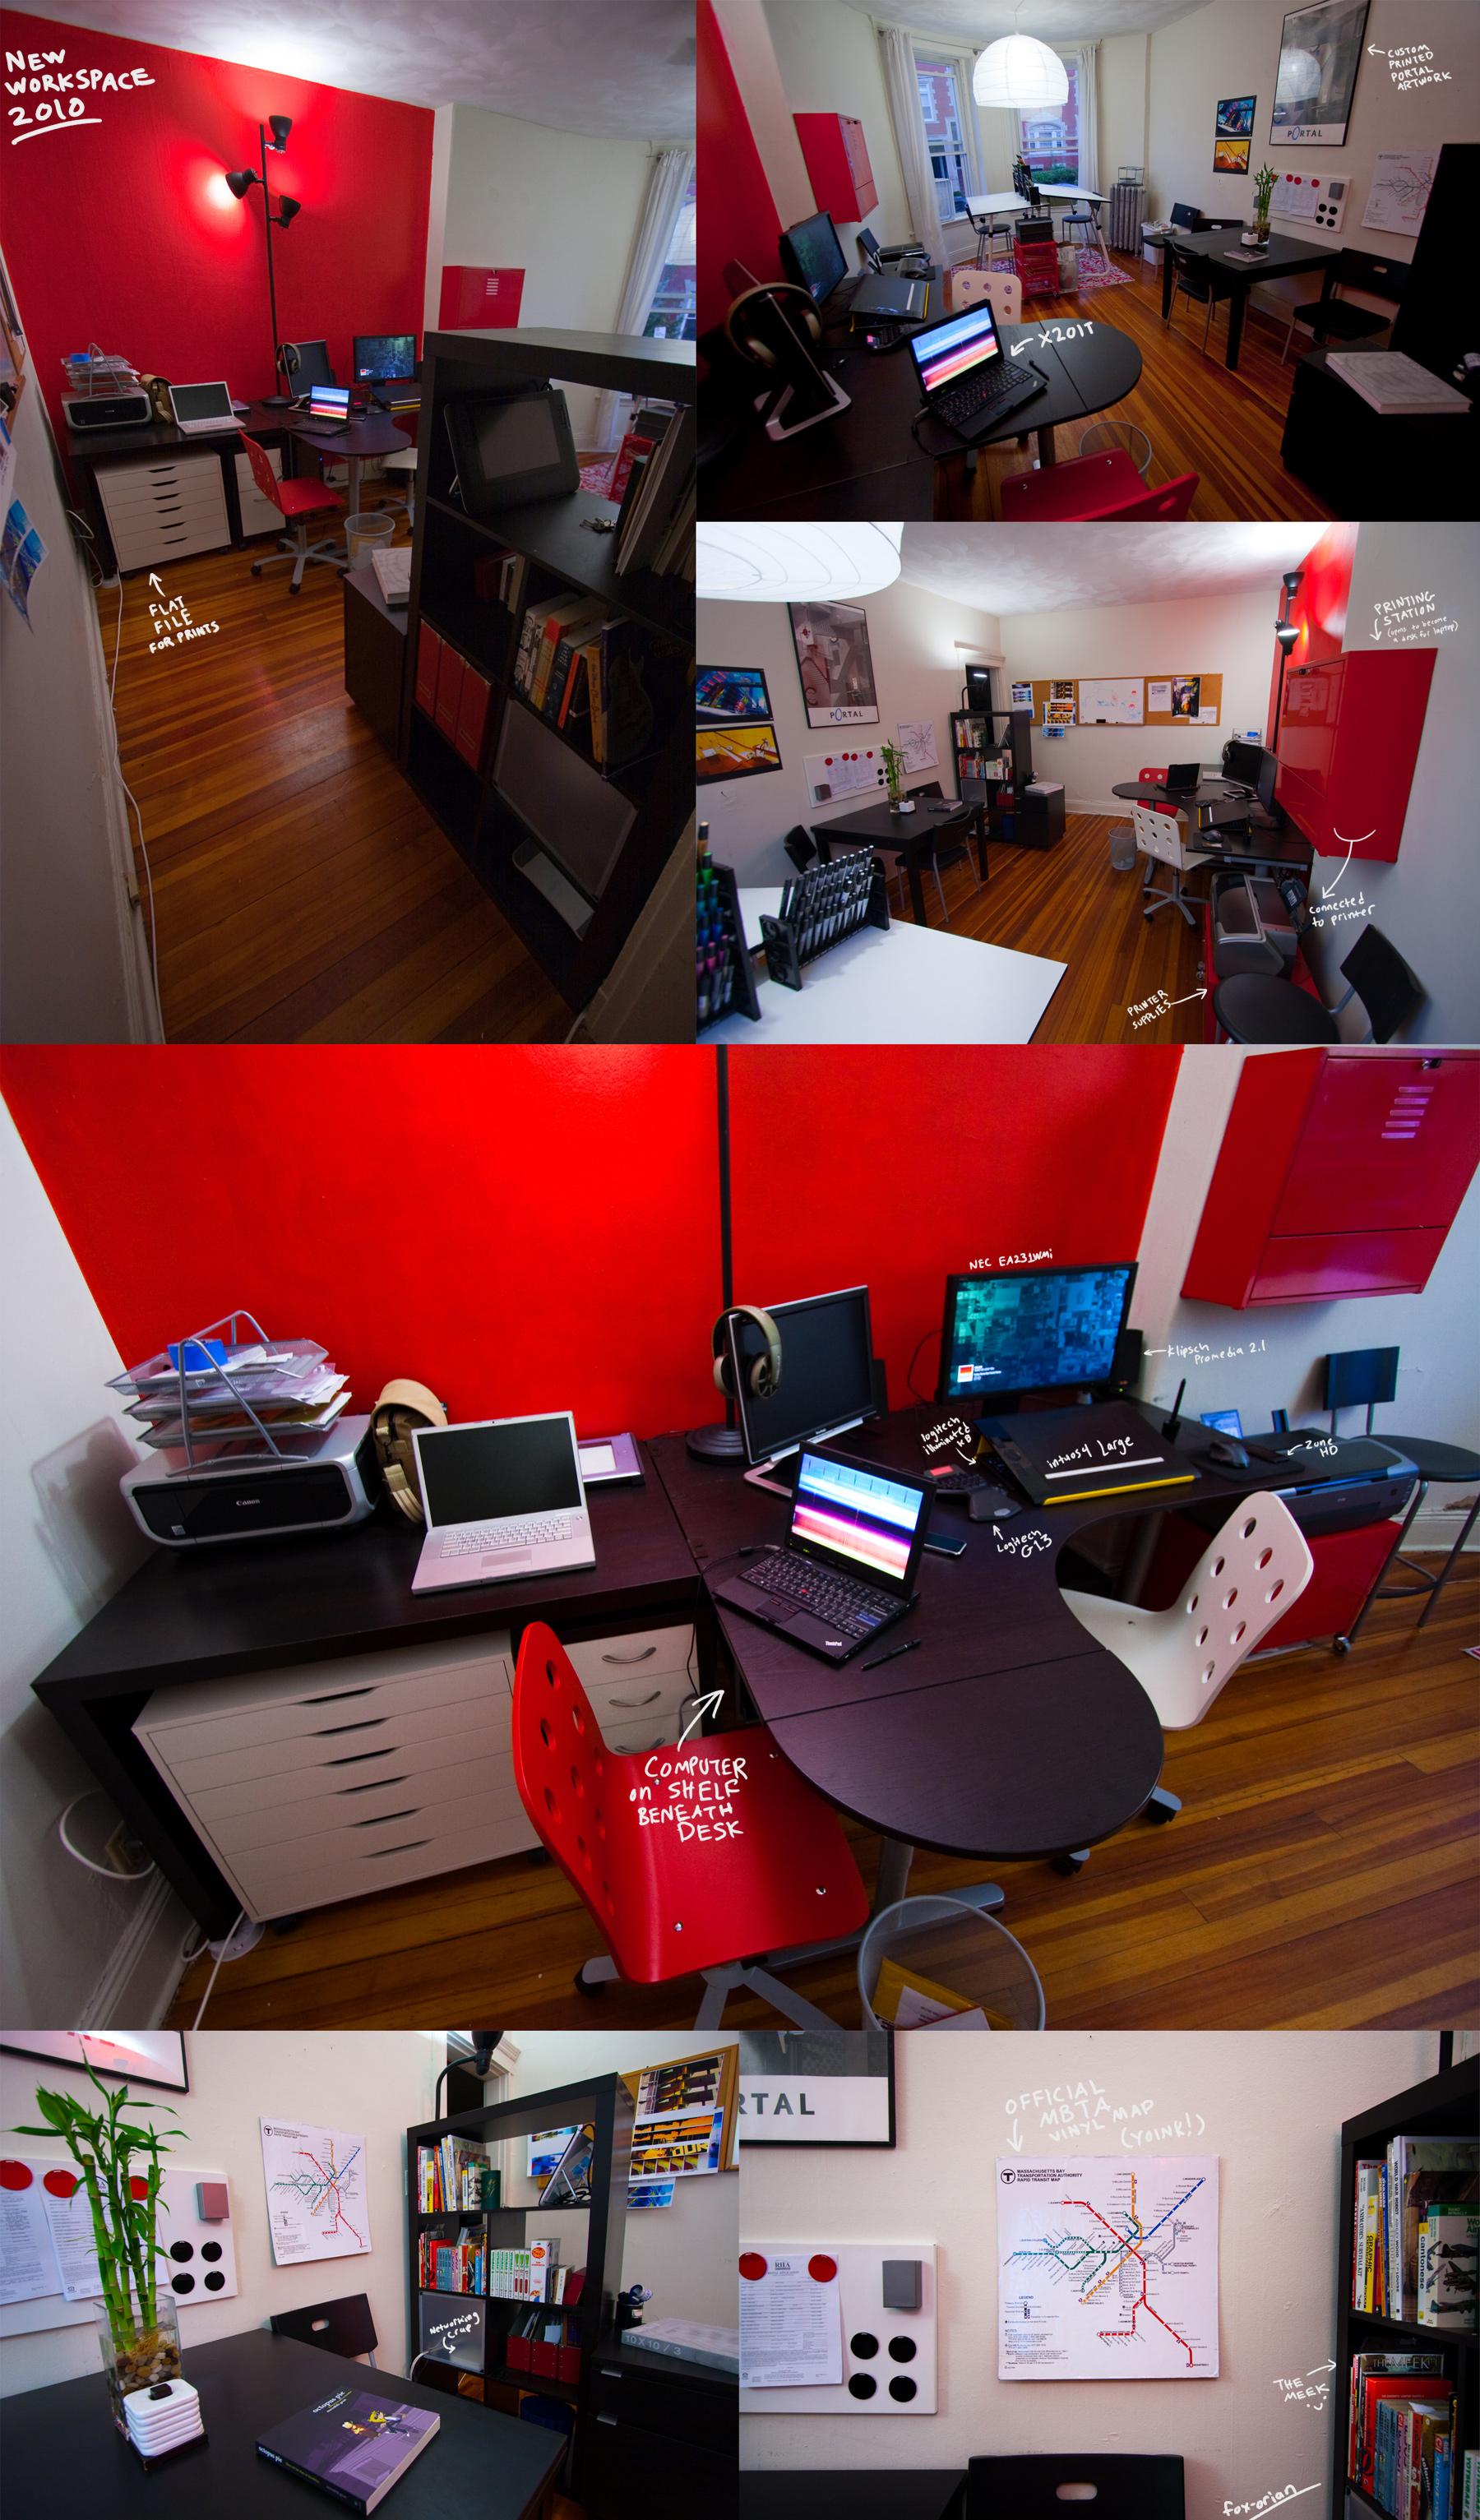 Studio Workspace 2010 by fox-orian